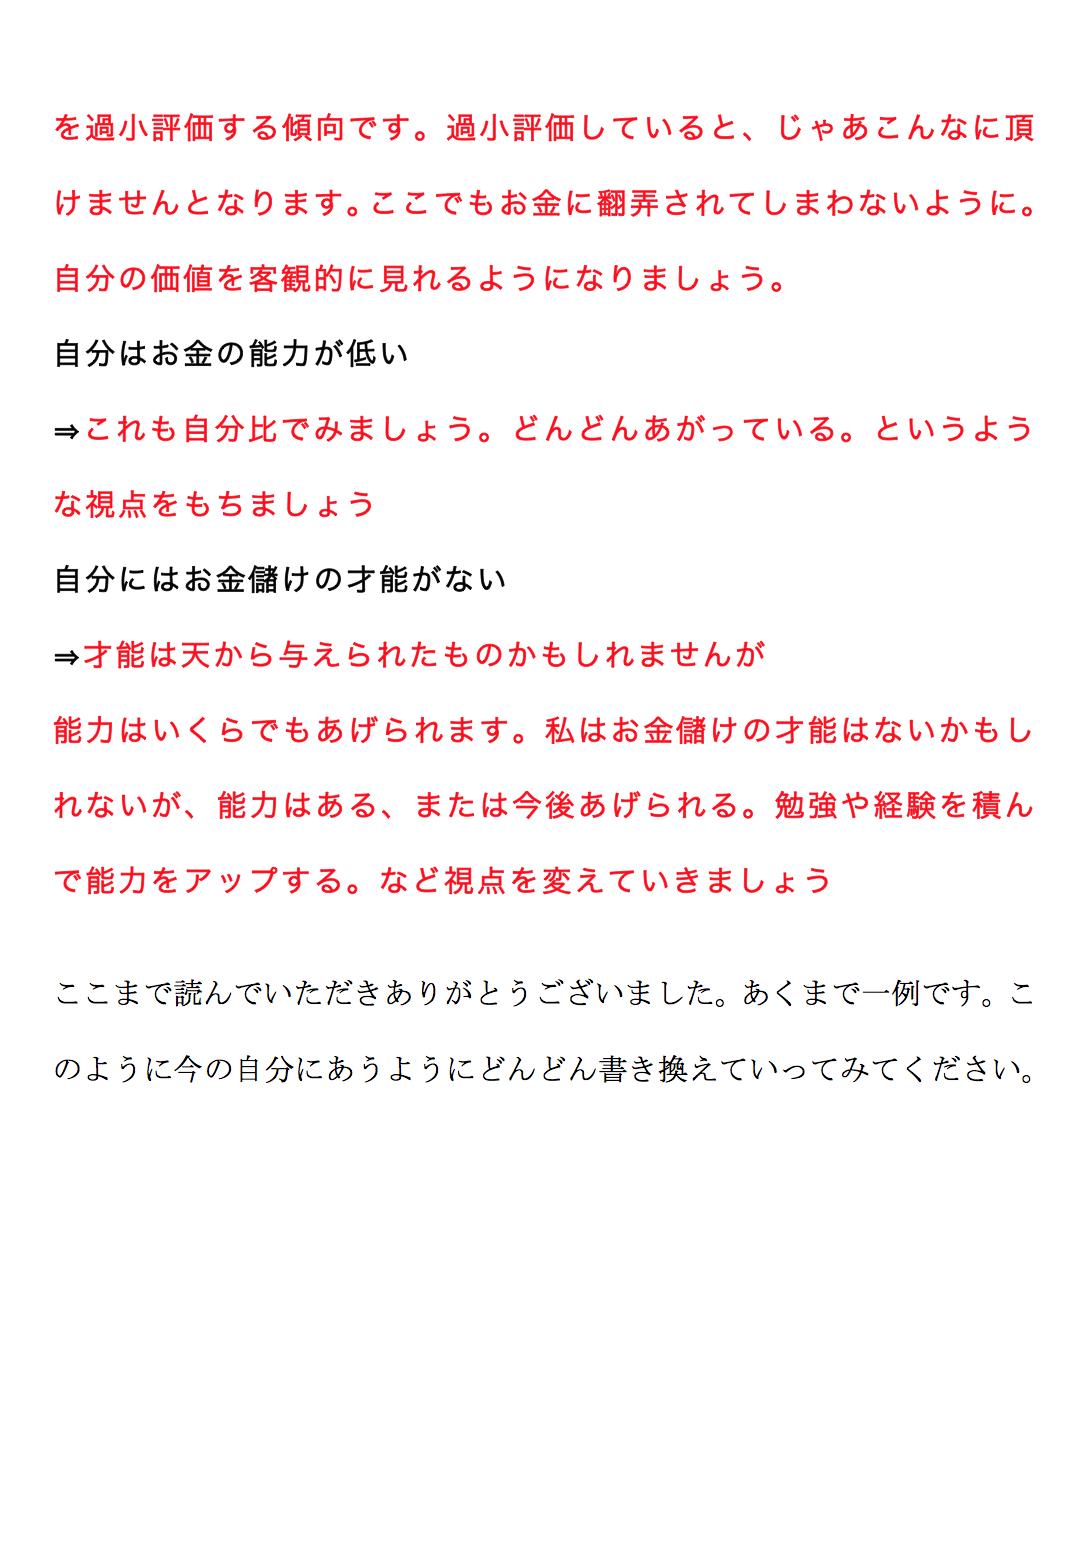 スクリーンショット 2015-11-17 0.23.31